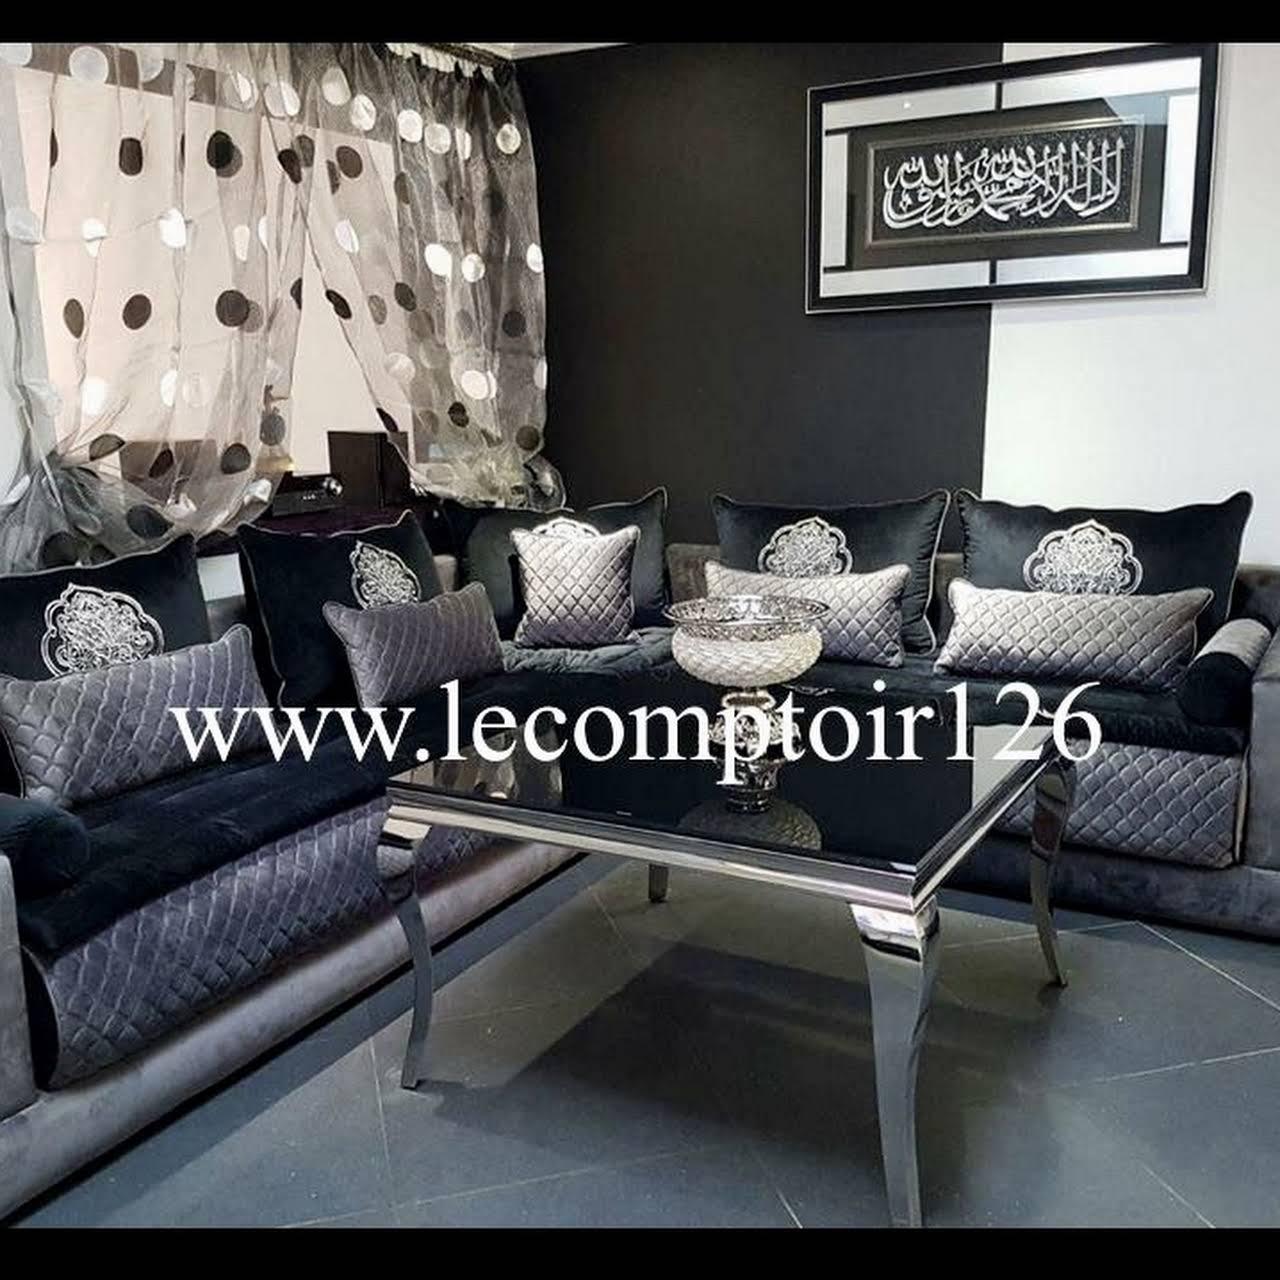 Le Comptoir 126 Lille le comptoir 126, spécialiste du salon marocain et de l